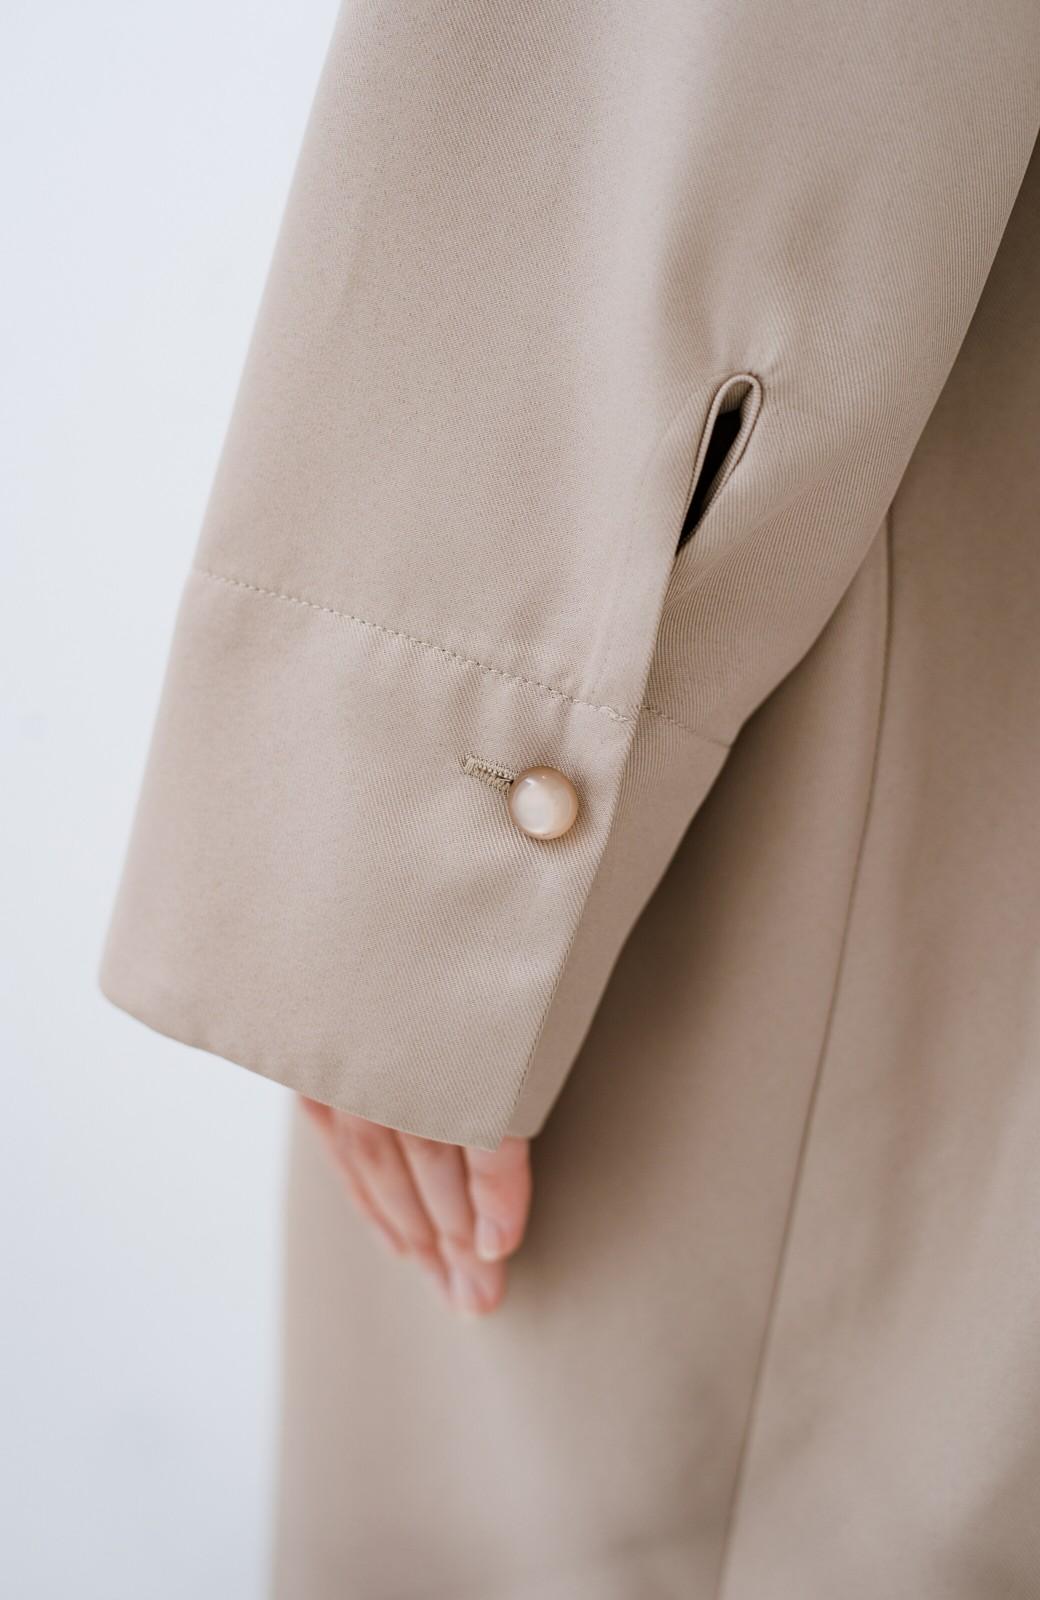 haco! 大人きれいに見せつつちゃっかりラクチン 重ね着にも便利なVネックゆったりワンピース <ベージュ>の商品写真6